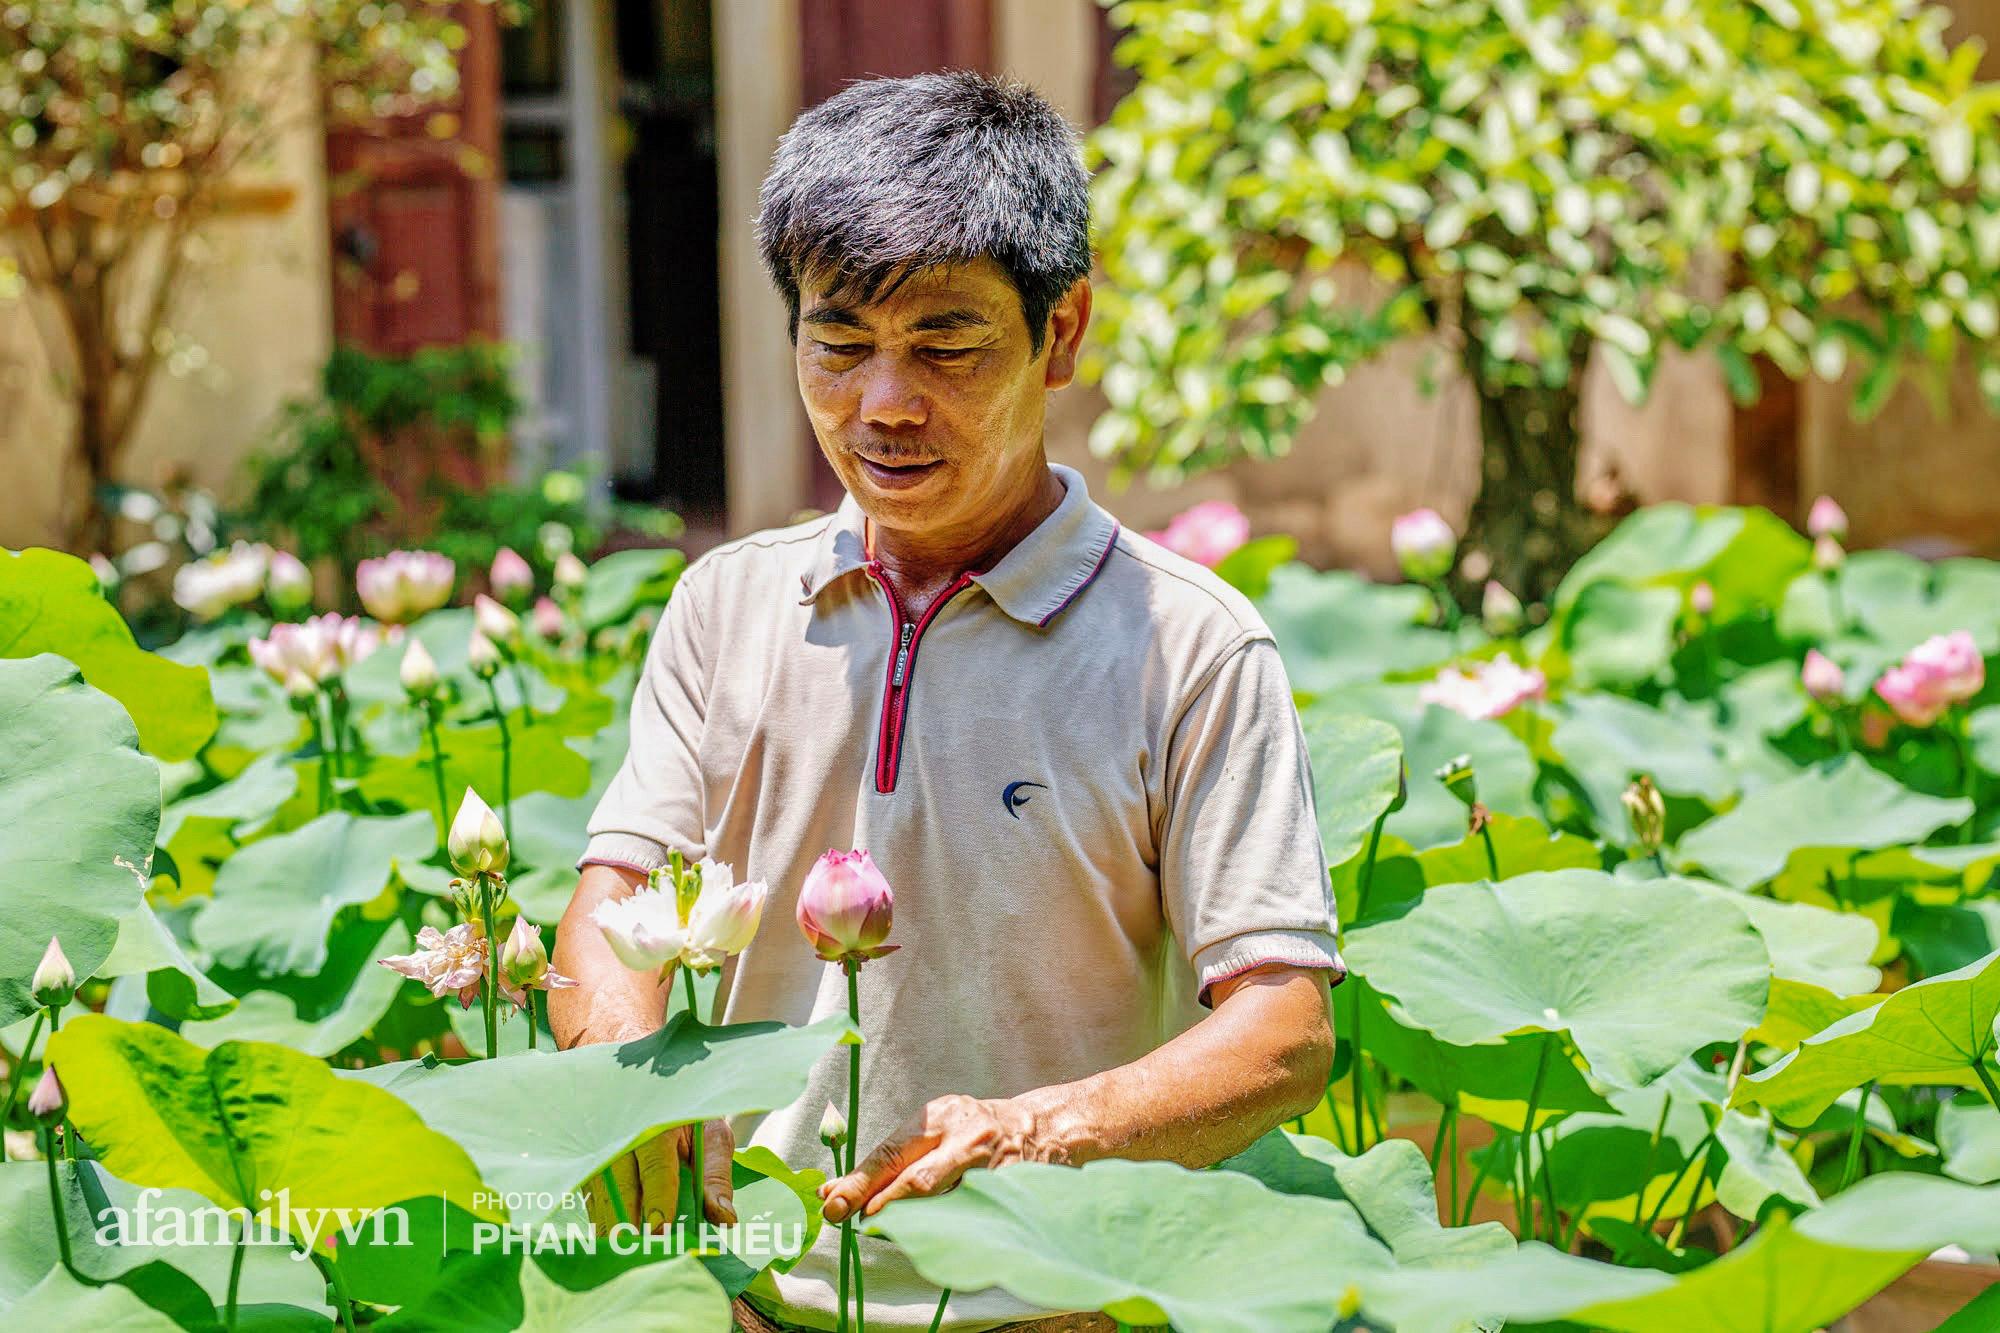 Độc đáo với thú chơi sen cung đình Huế tại Hà Nội, nở hoa tuyệt đẹp giữa ngôi nhà cổ trăm năm tuổi khiến bao người mê mẩn - Ảnh 7.